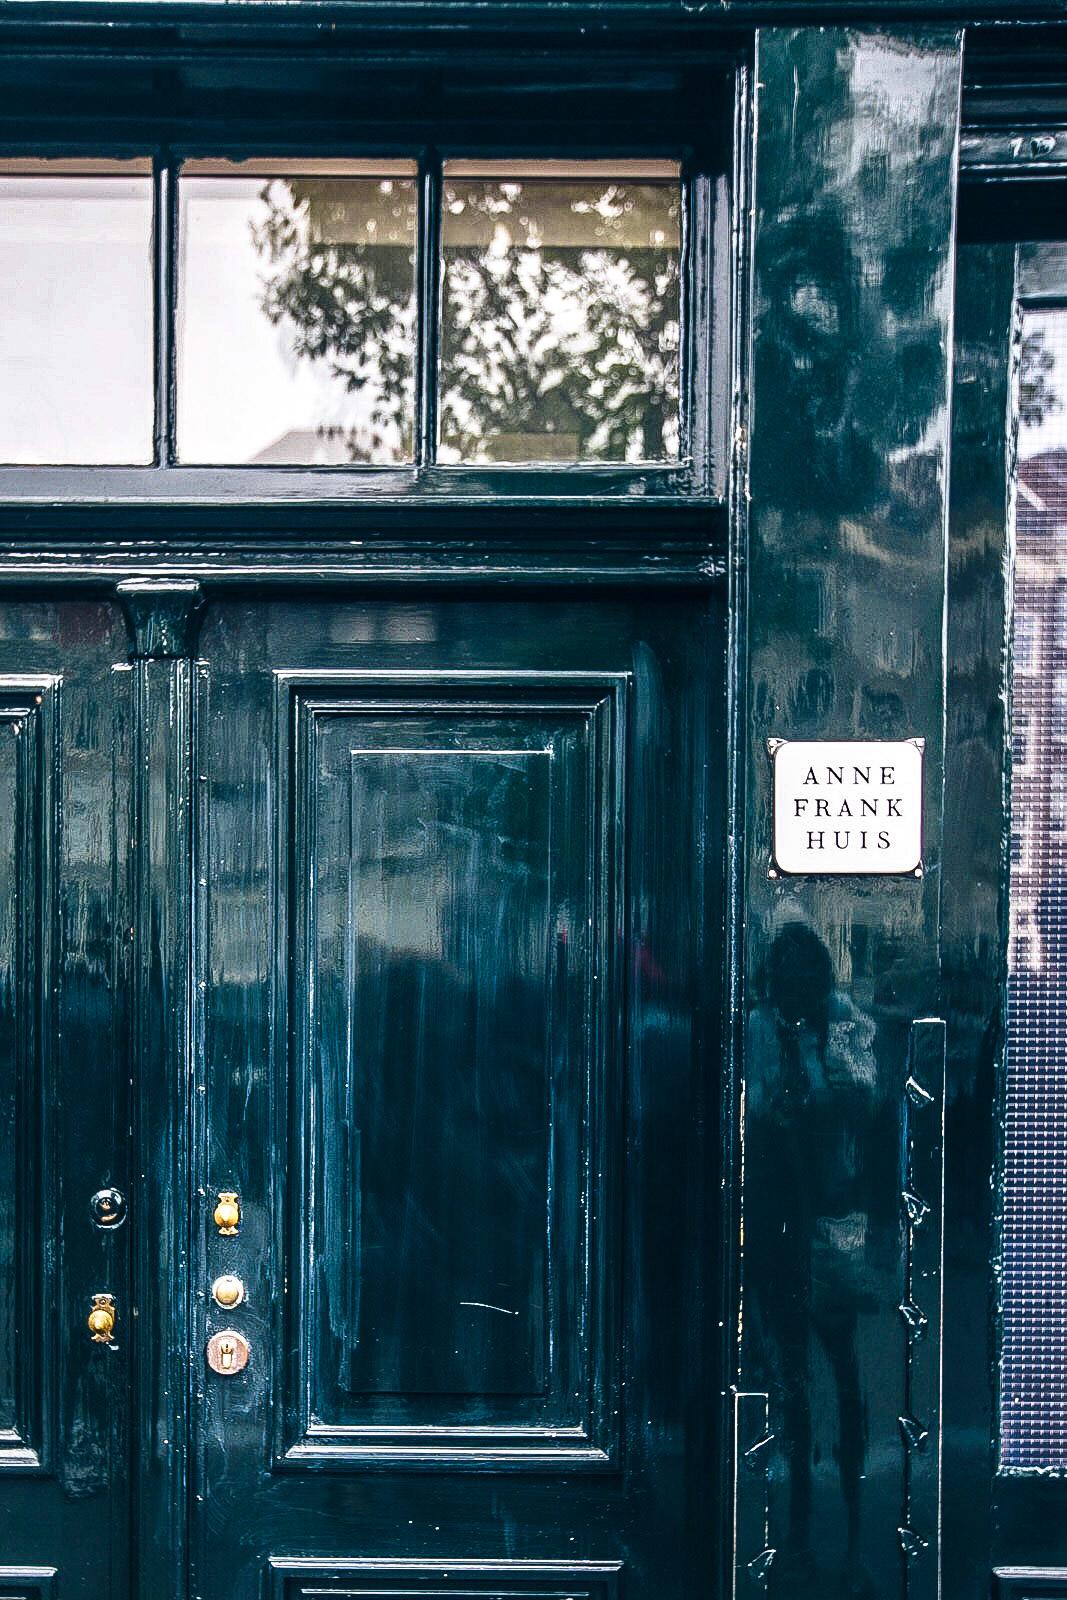 Amsterdam Sehenswürdigkeiten, Anne Frank Haus, Anne Frank Museum, Tipps